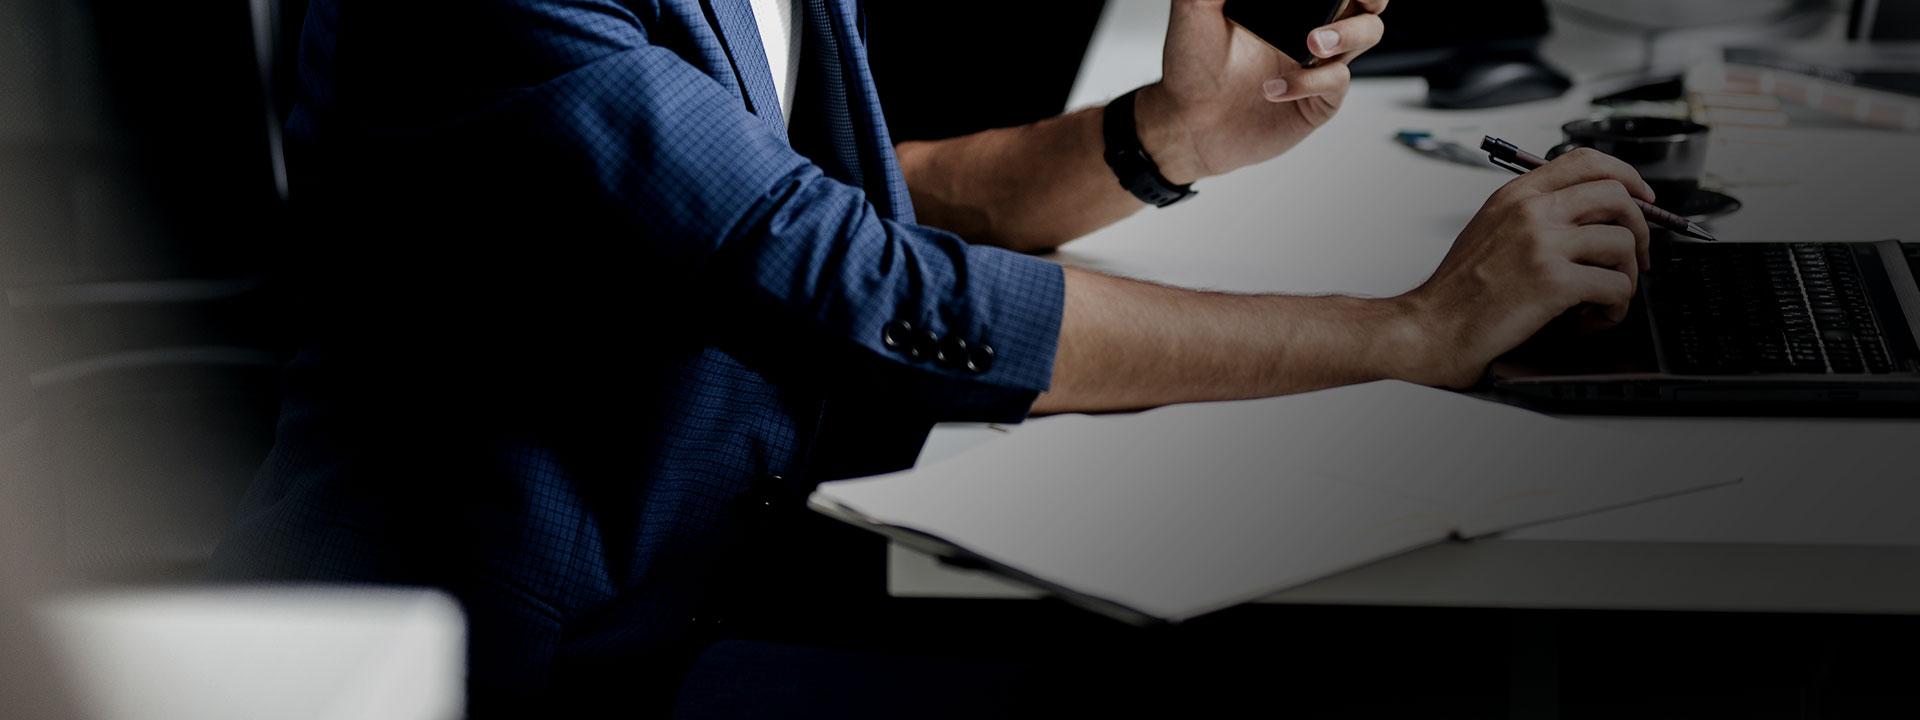 יועץ המתמחה באיתור נכסים לעסקים